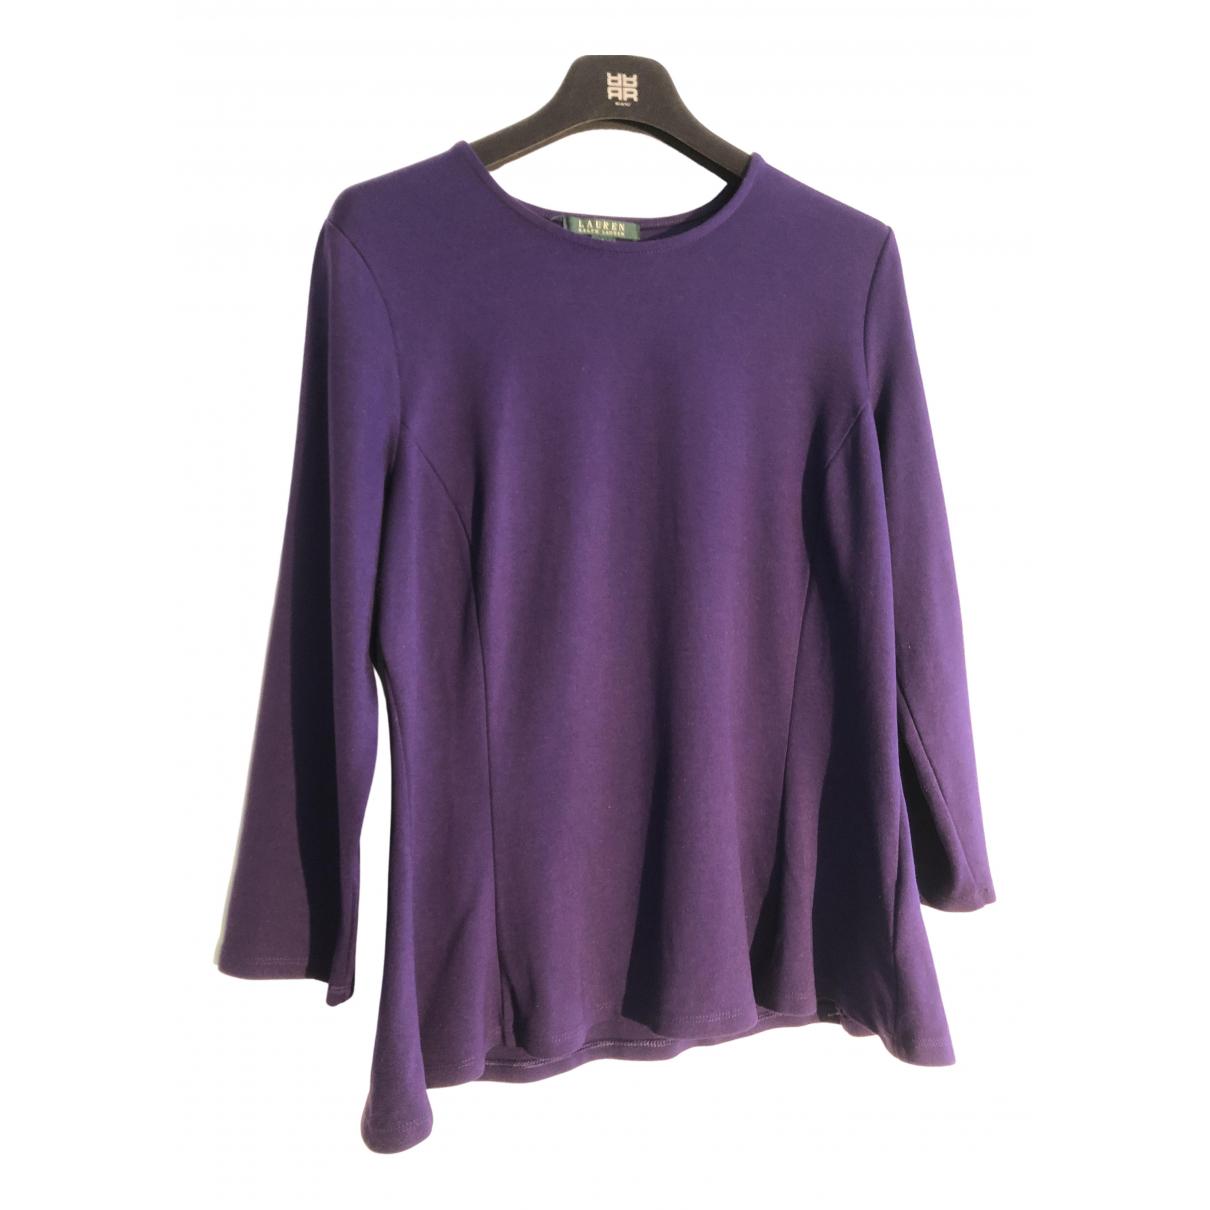 Lauren Ralph Lauren \N Purple  top for Women L International